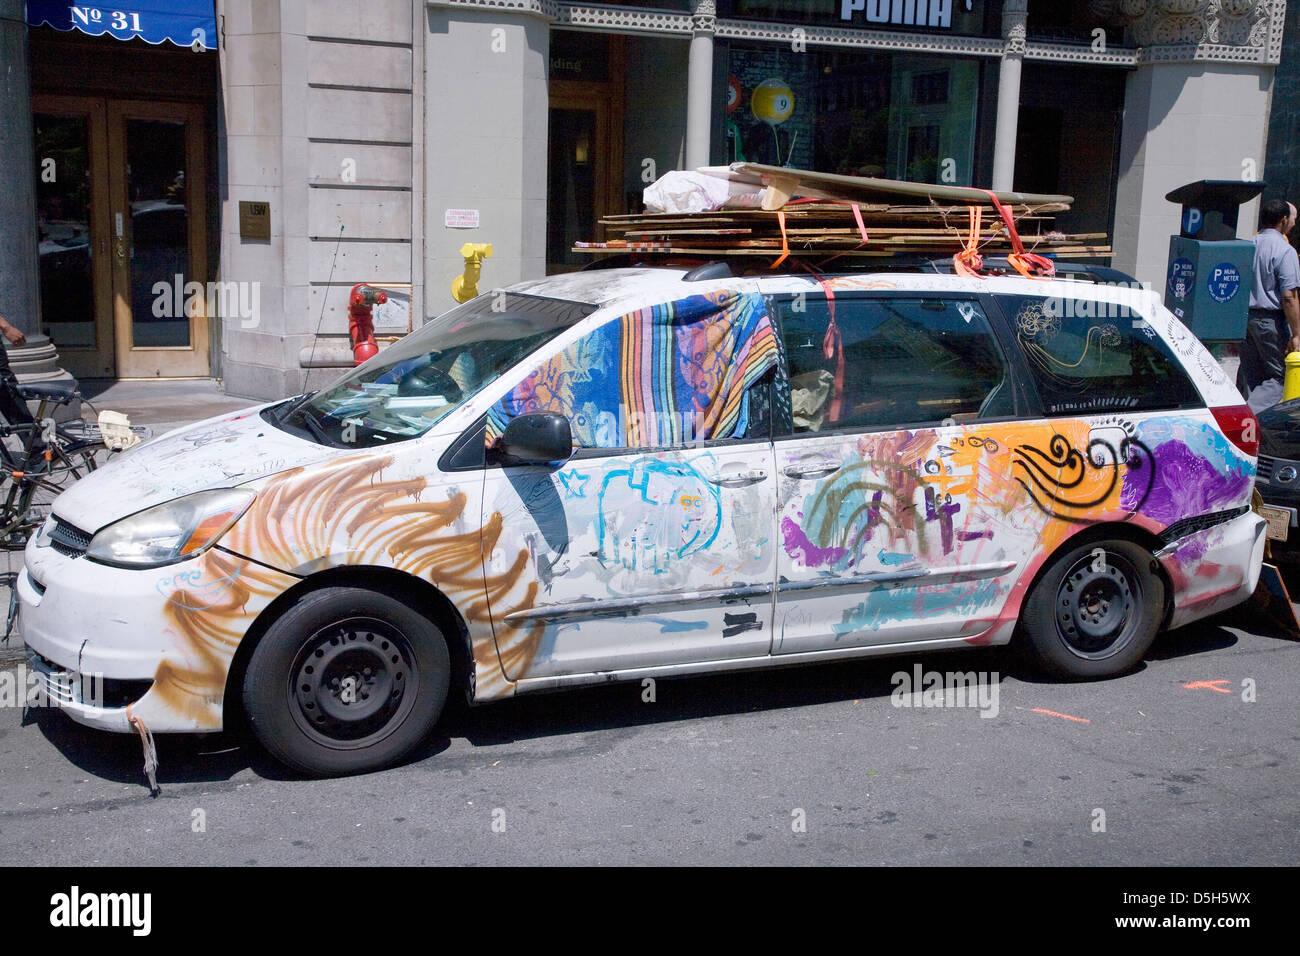 Pakistanisch-Stil gemalten Auto in der Innenstadt von New York City, New York Stockbild